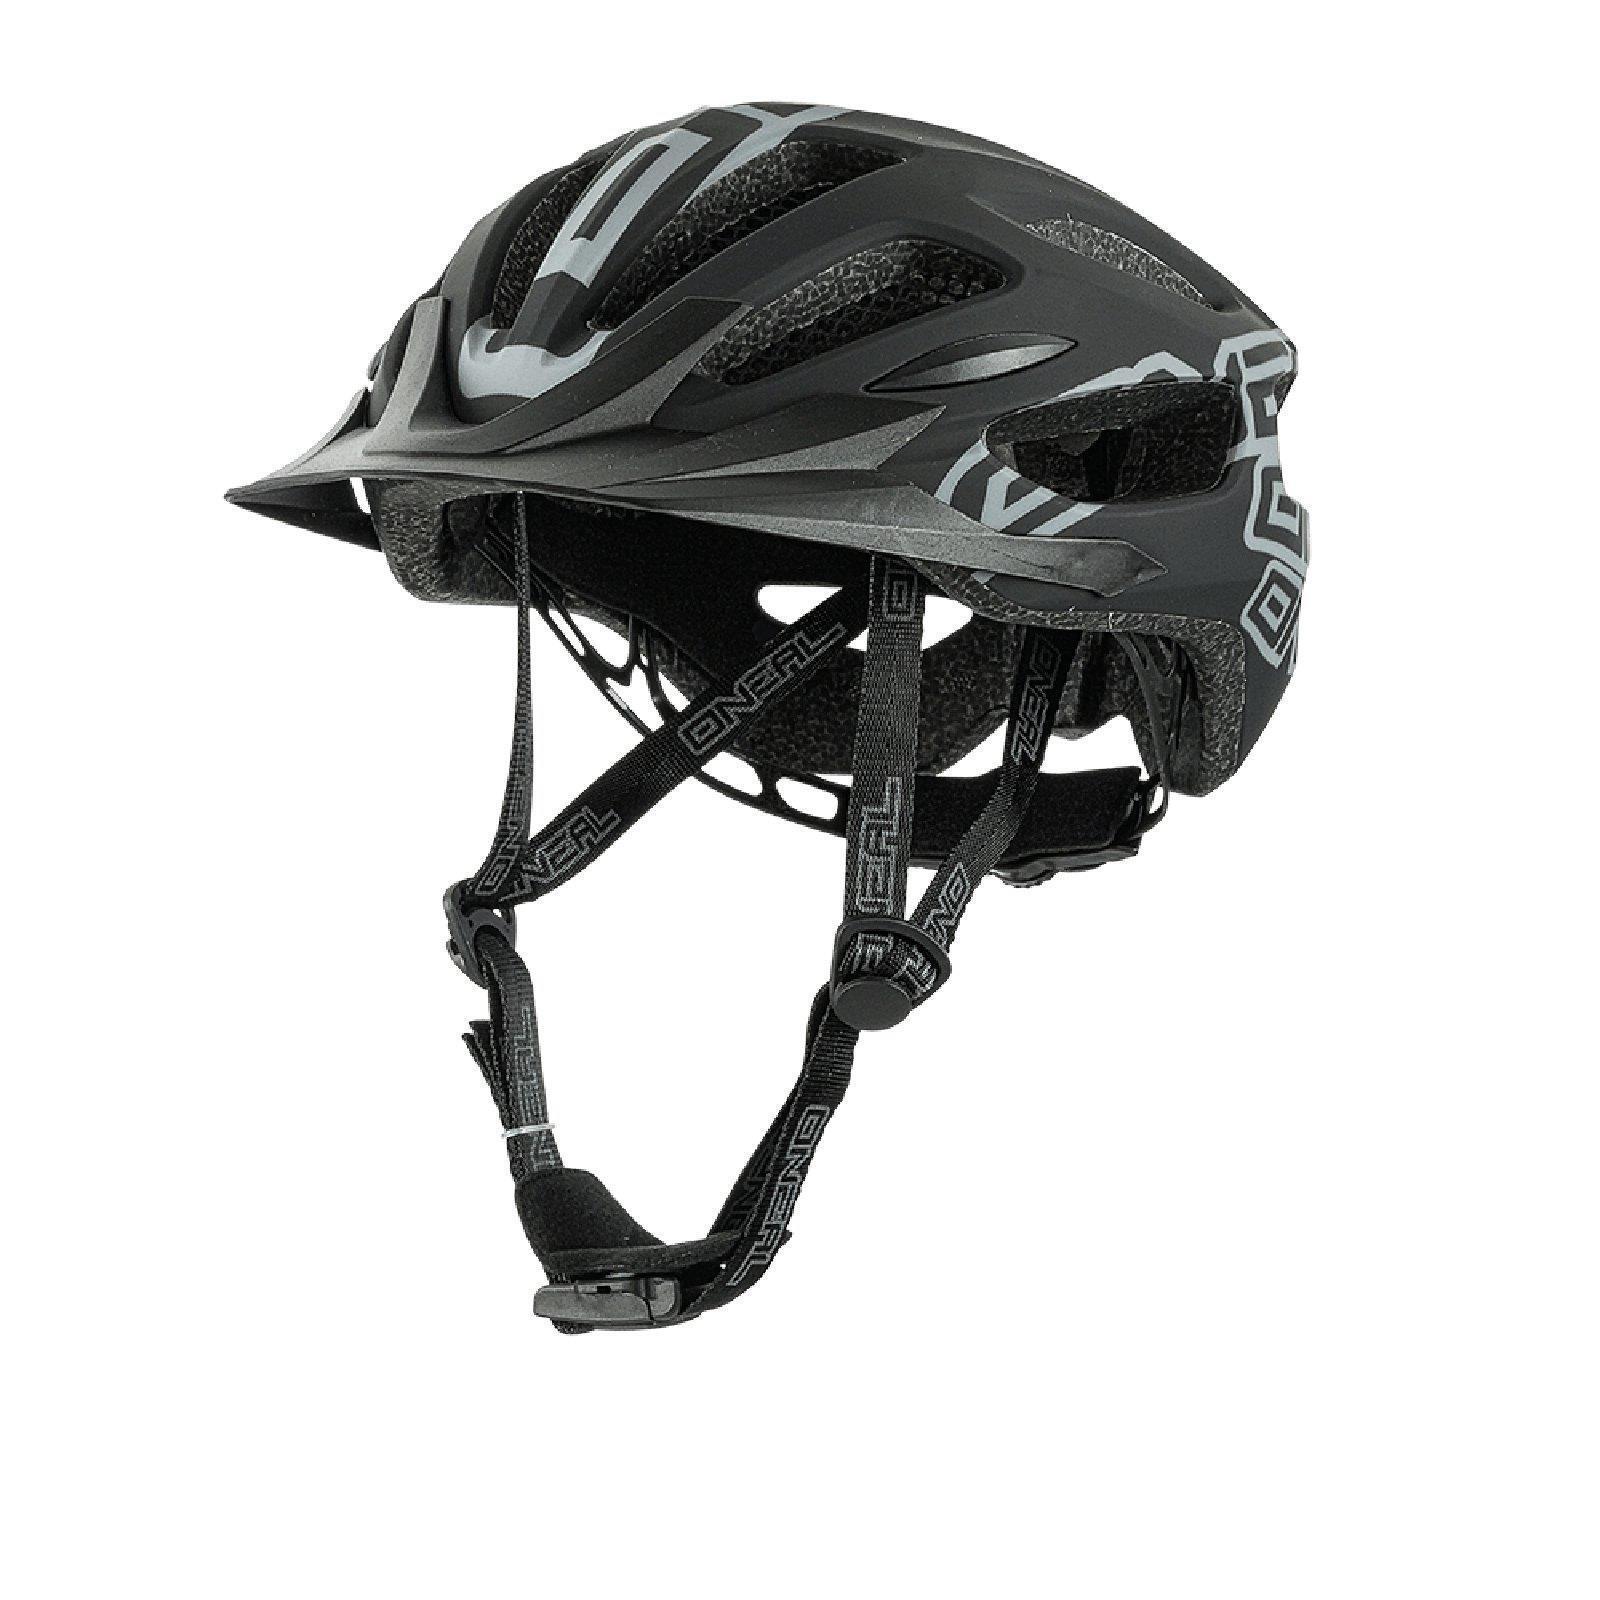 Oneal Q RL Casque MTB noir mat All Mountain Bike Enduro Trail Vélo magnétique